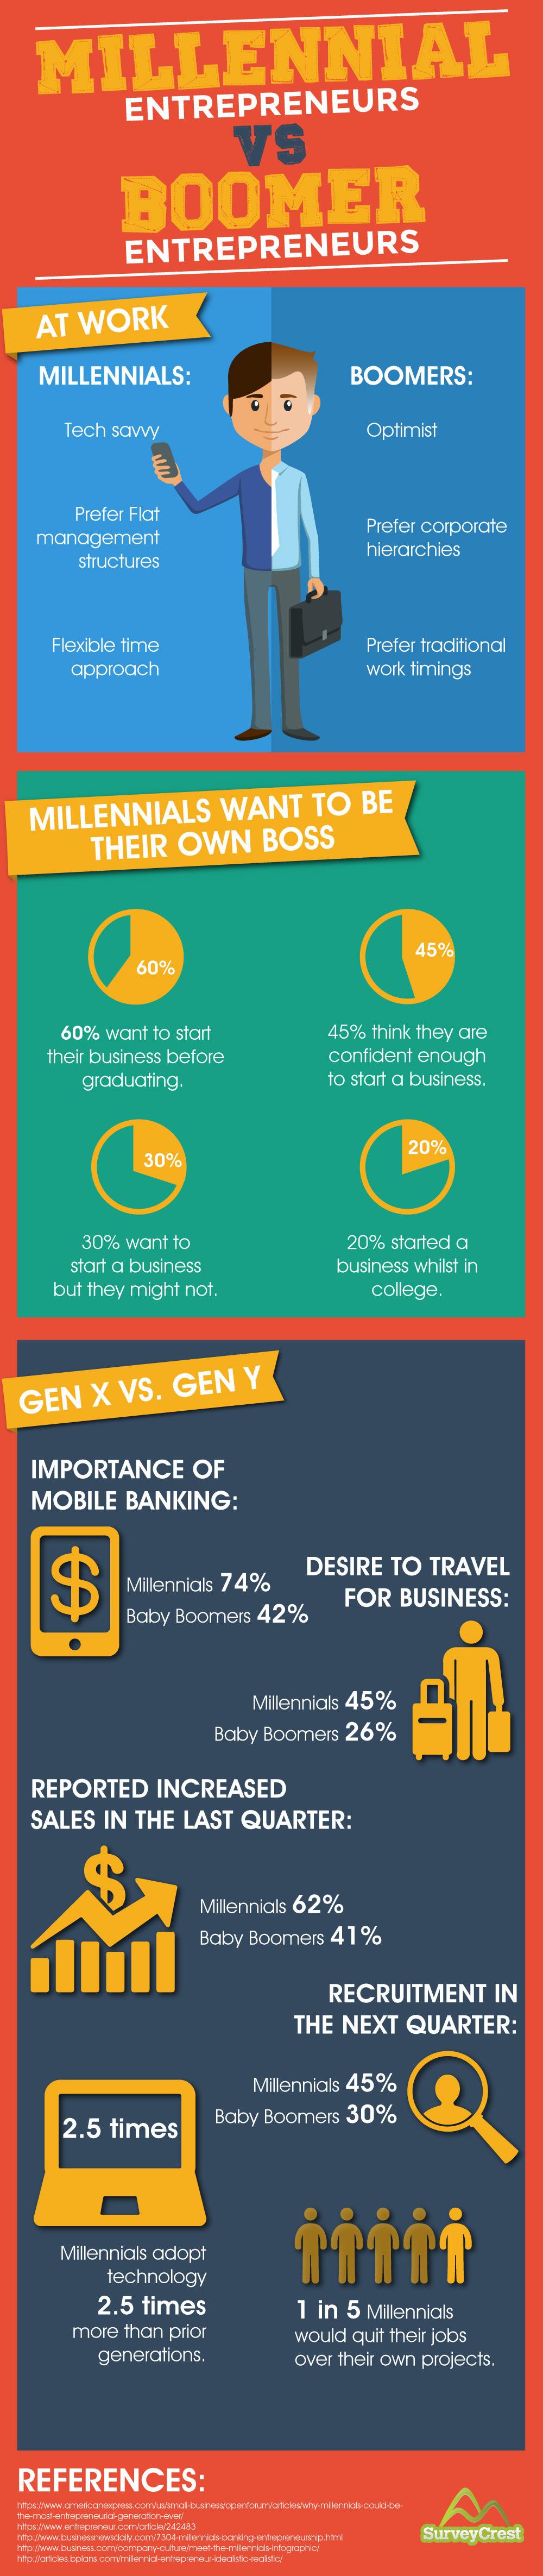 Millennial Entrepreneurs V Boomer Entrepreneurs